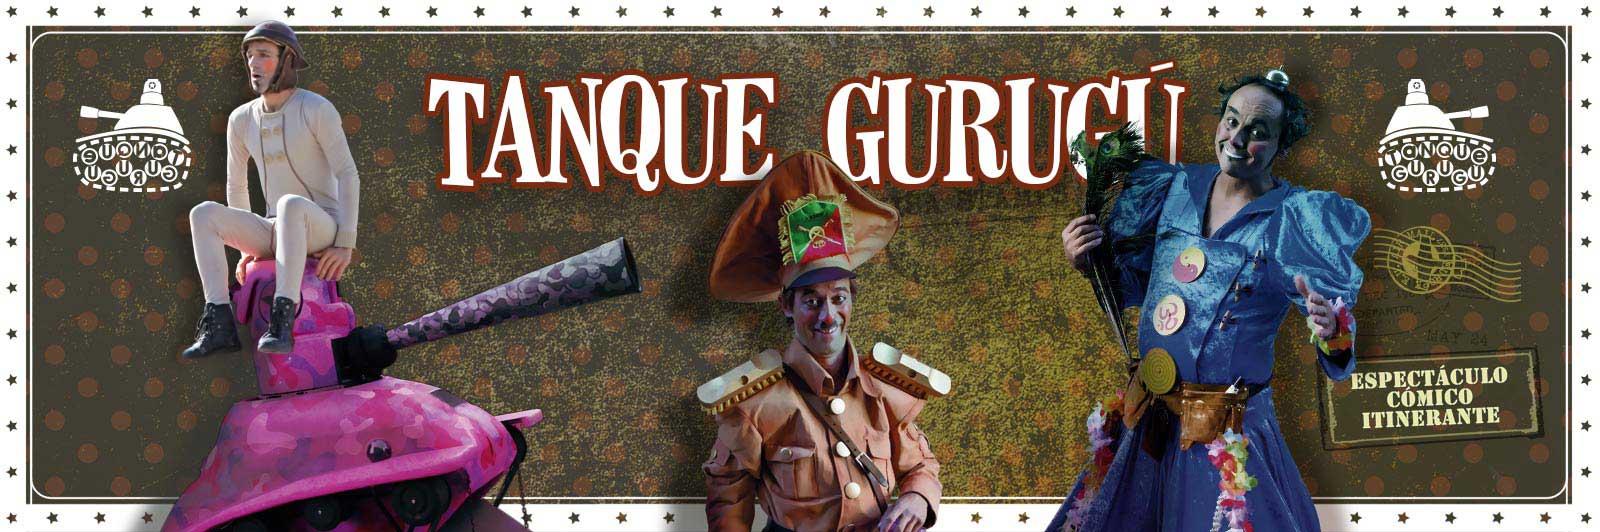 Tanque Gurugú a cargo Fiestas del Carmen 2018